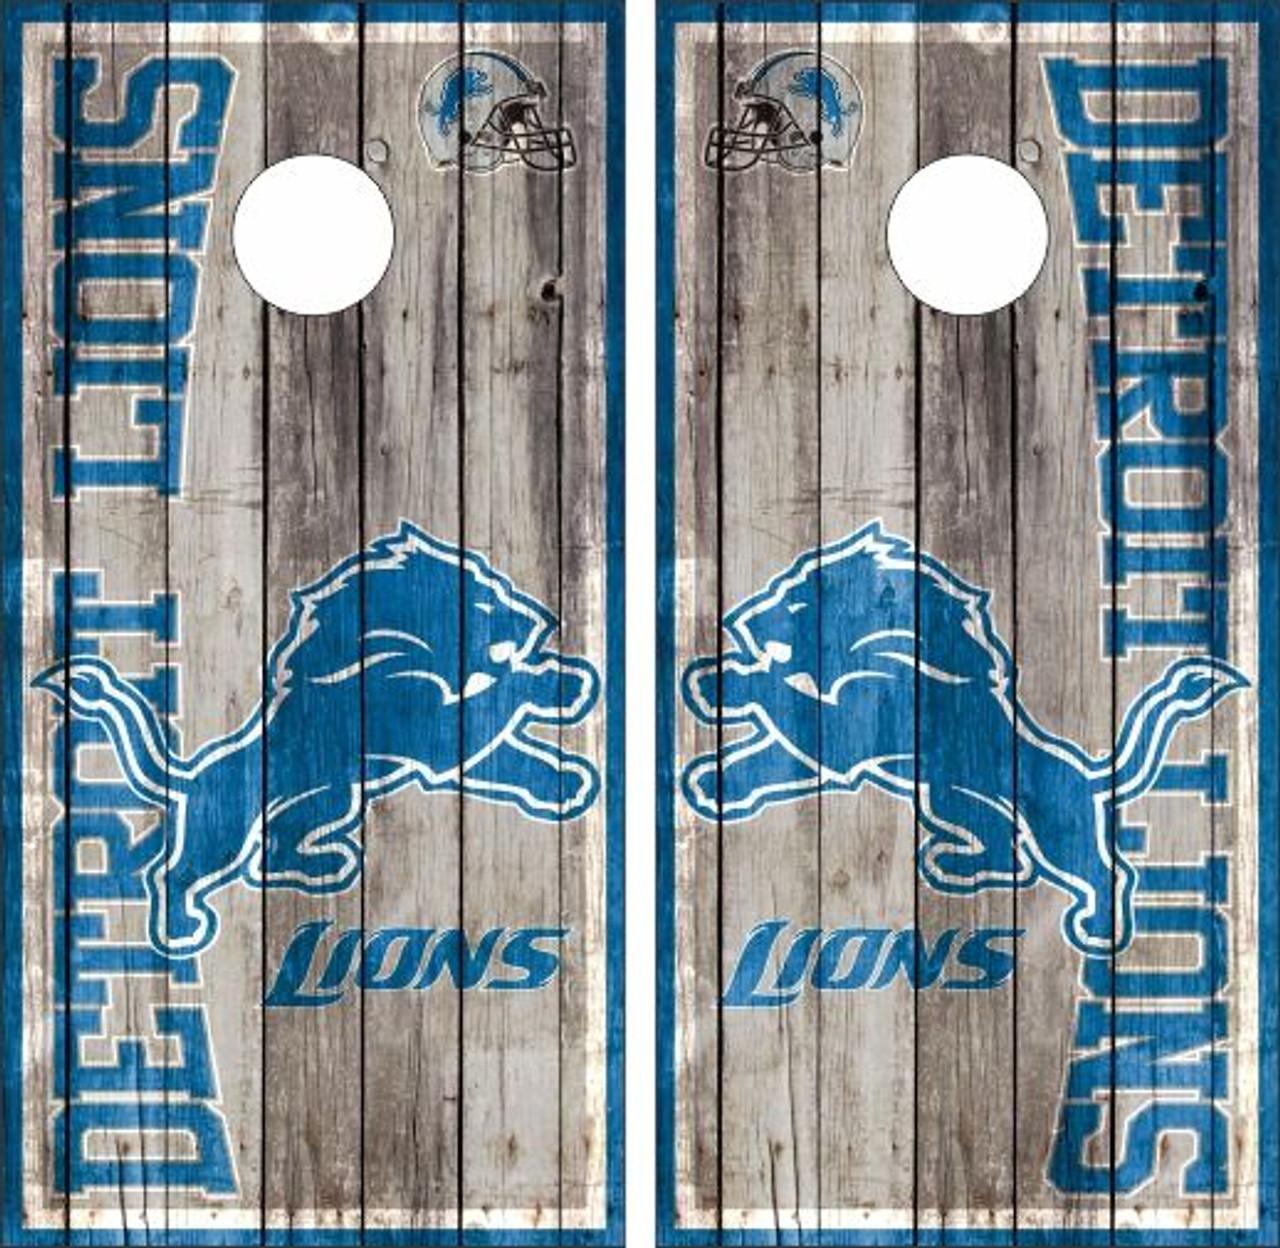 two prints SET OF 8 DETROIT LIONS CORNHOLE BAGS